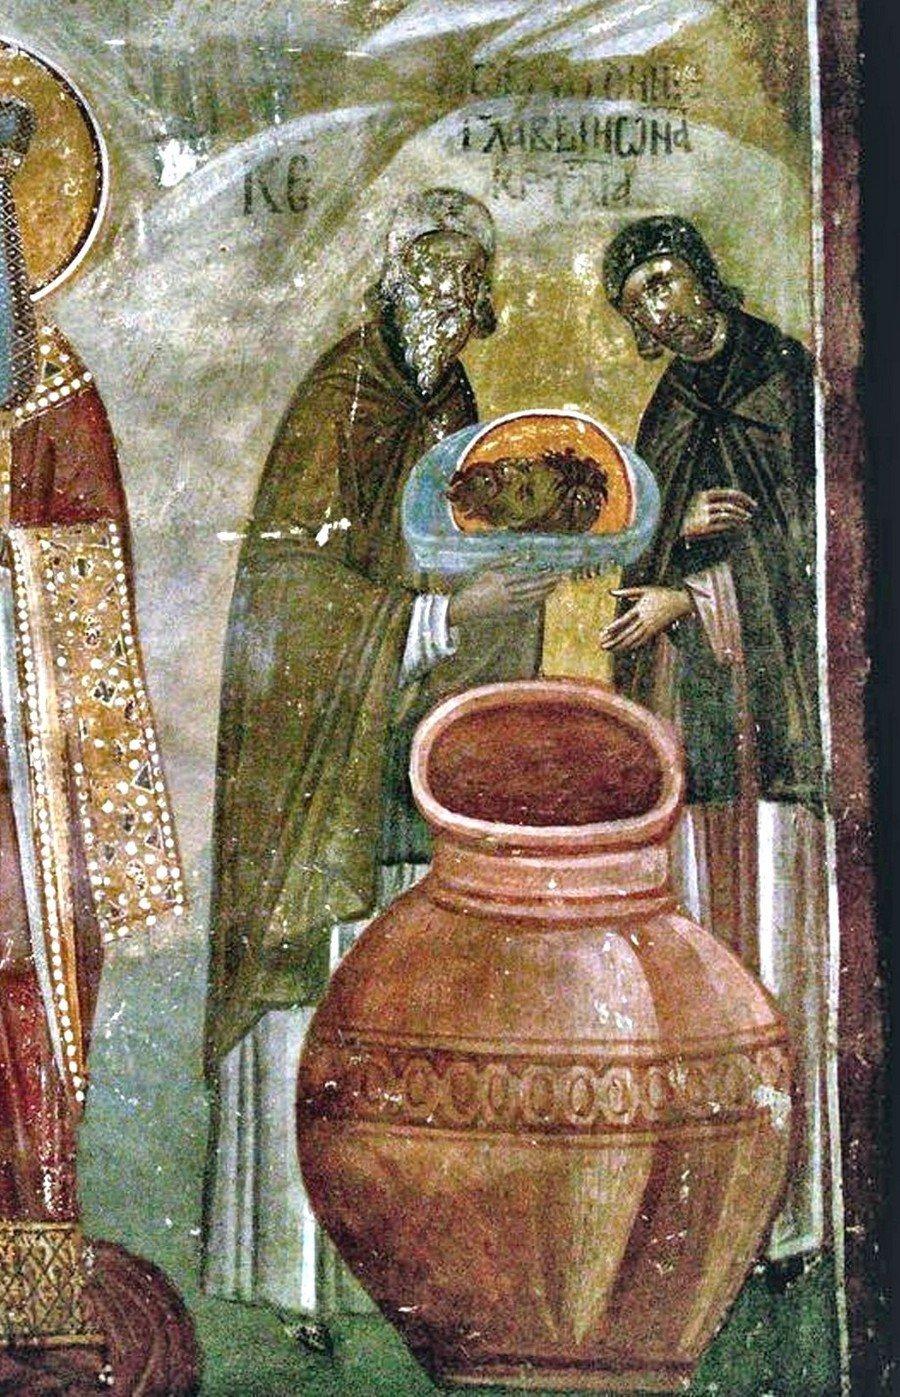 Третье обретение главы Святого Иоанна Предтечи. Фреска монастыря Грачаница, Косово и Метохия, Сербия. Около 1320 года.